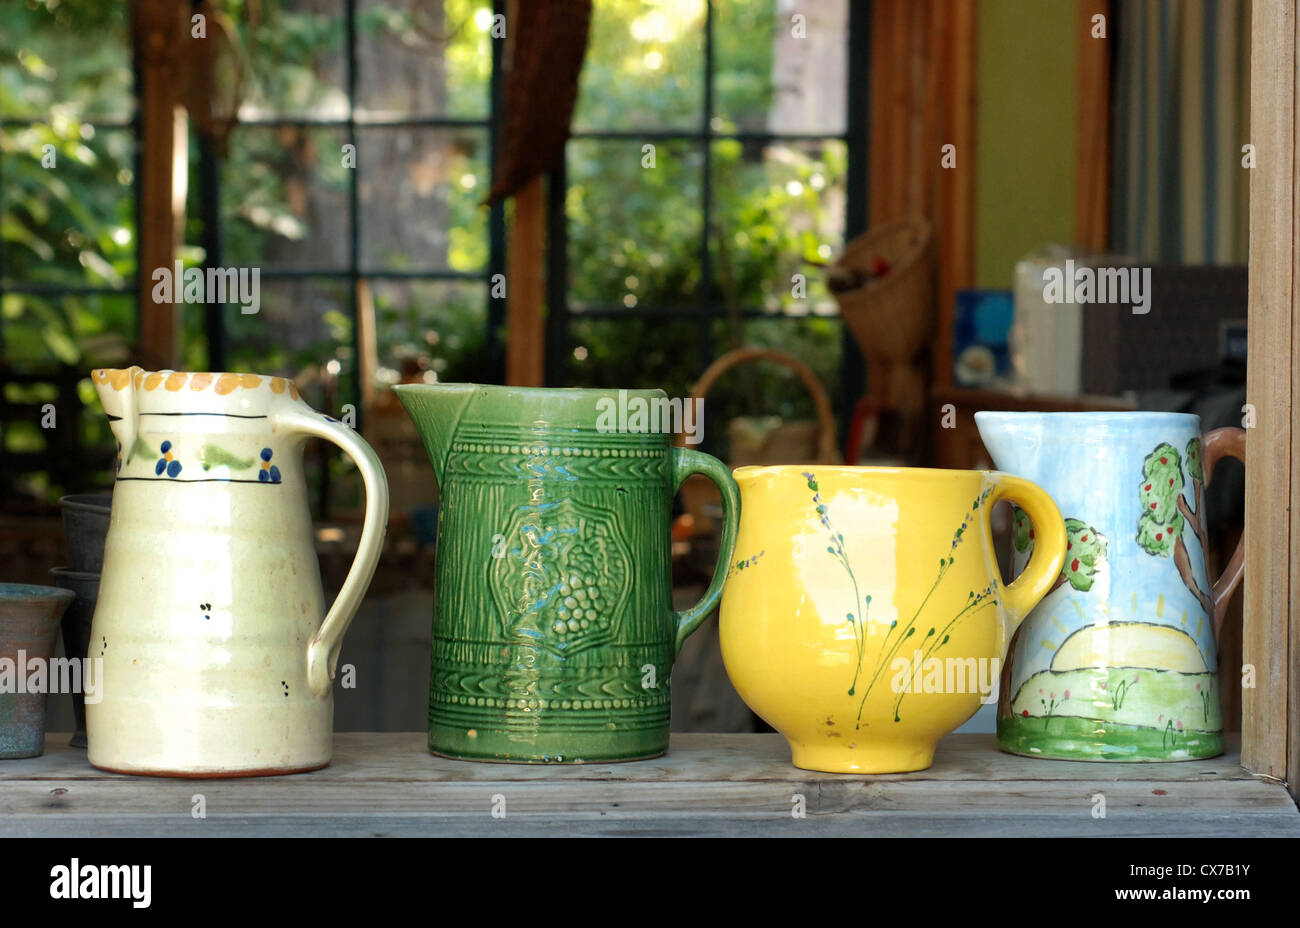 Jarrones rusticos jarrn macetero estilo anfora en latn esmaltado jaspeado no brillo textura - Jarrones rusticos ...